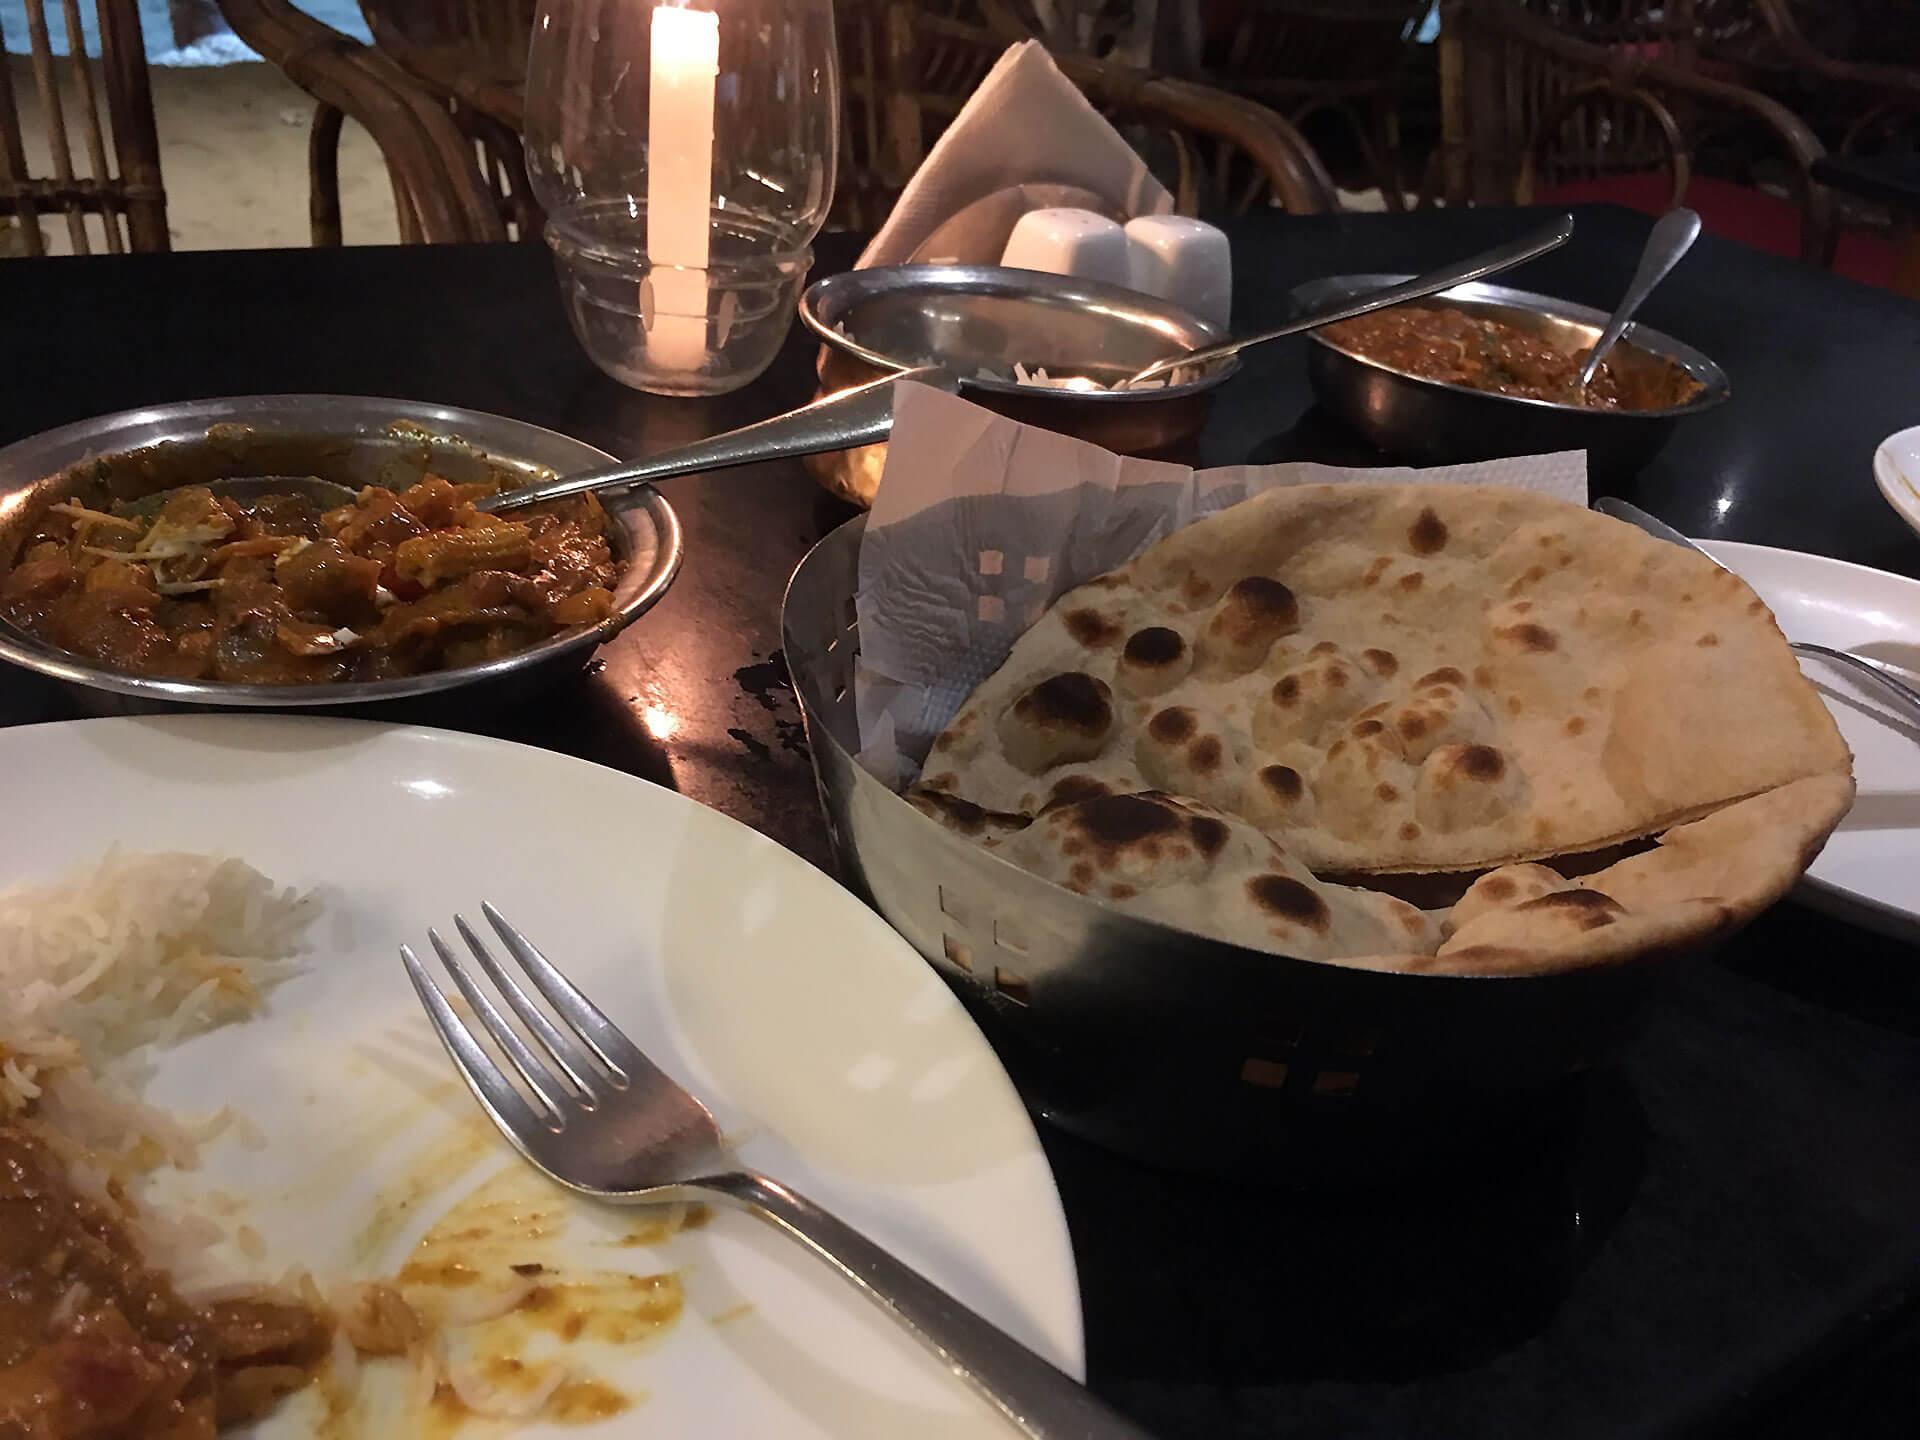 Roti und Masala in Indien